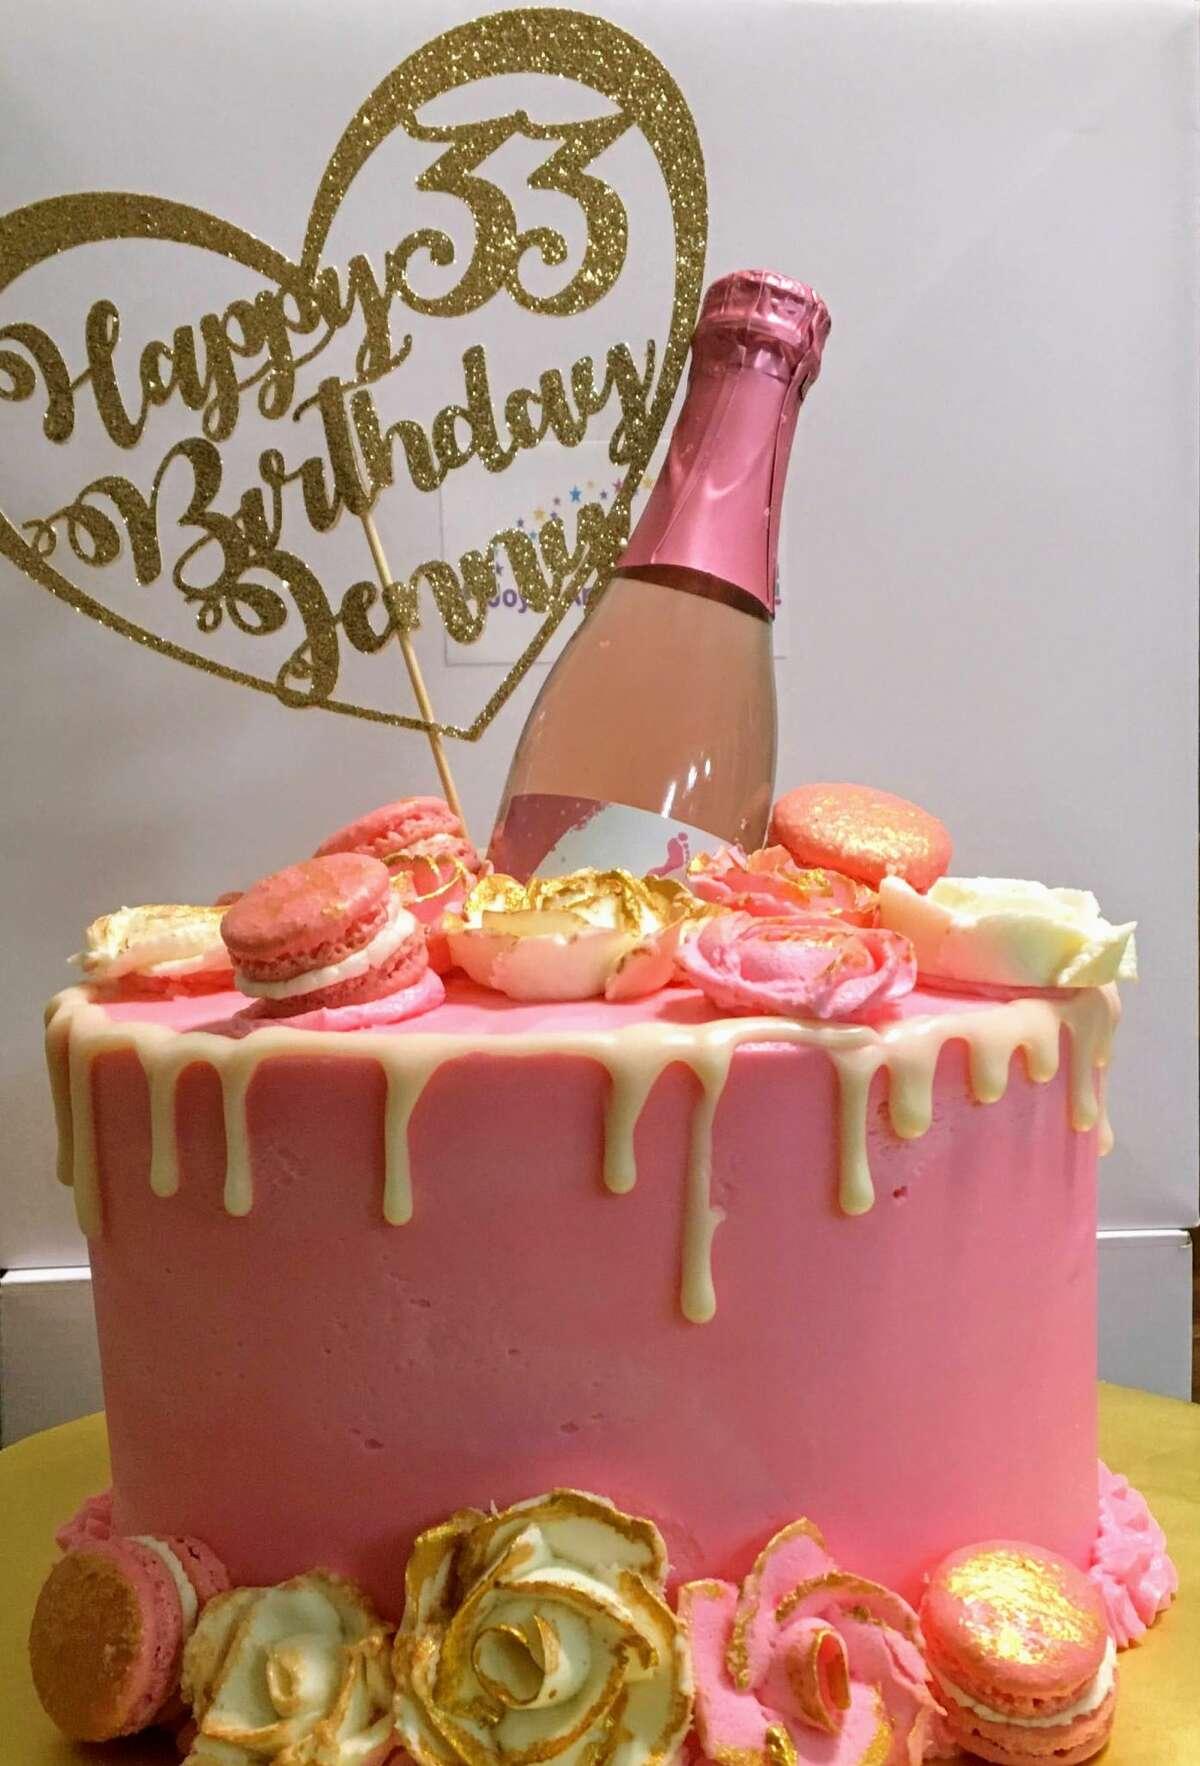 A birthday cake by JoyceAnn's Bakery.